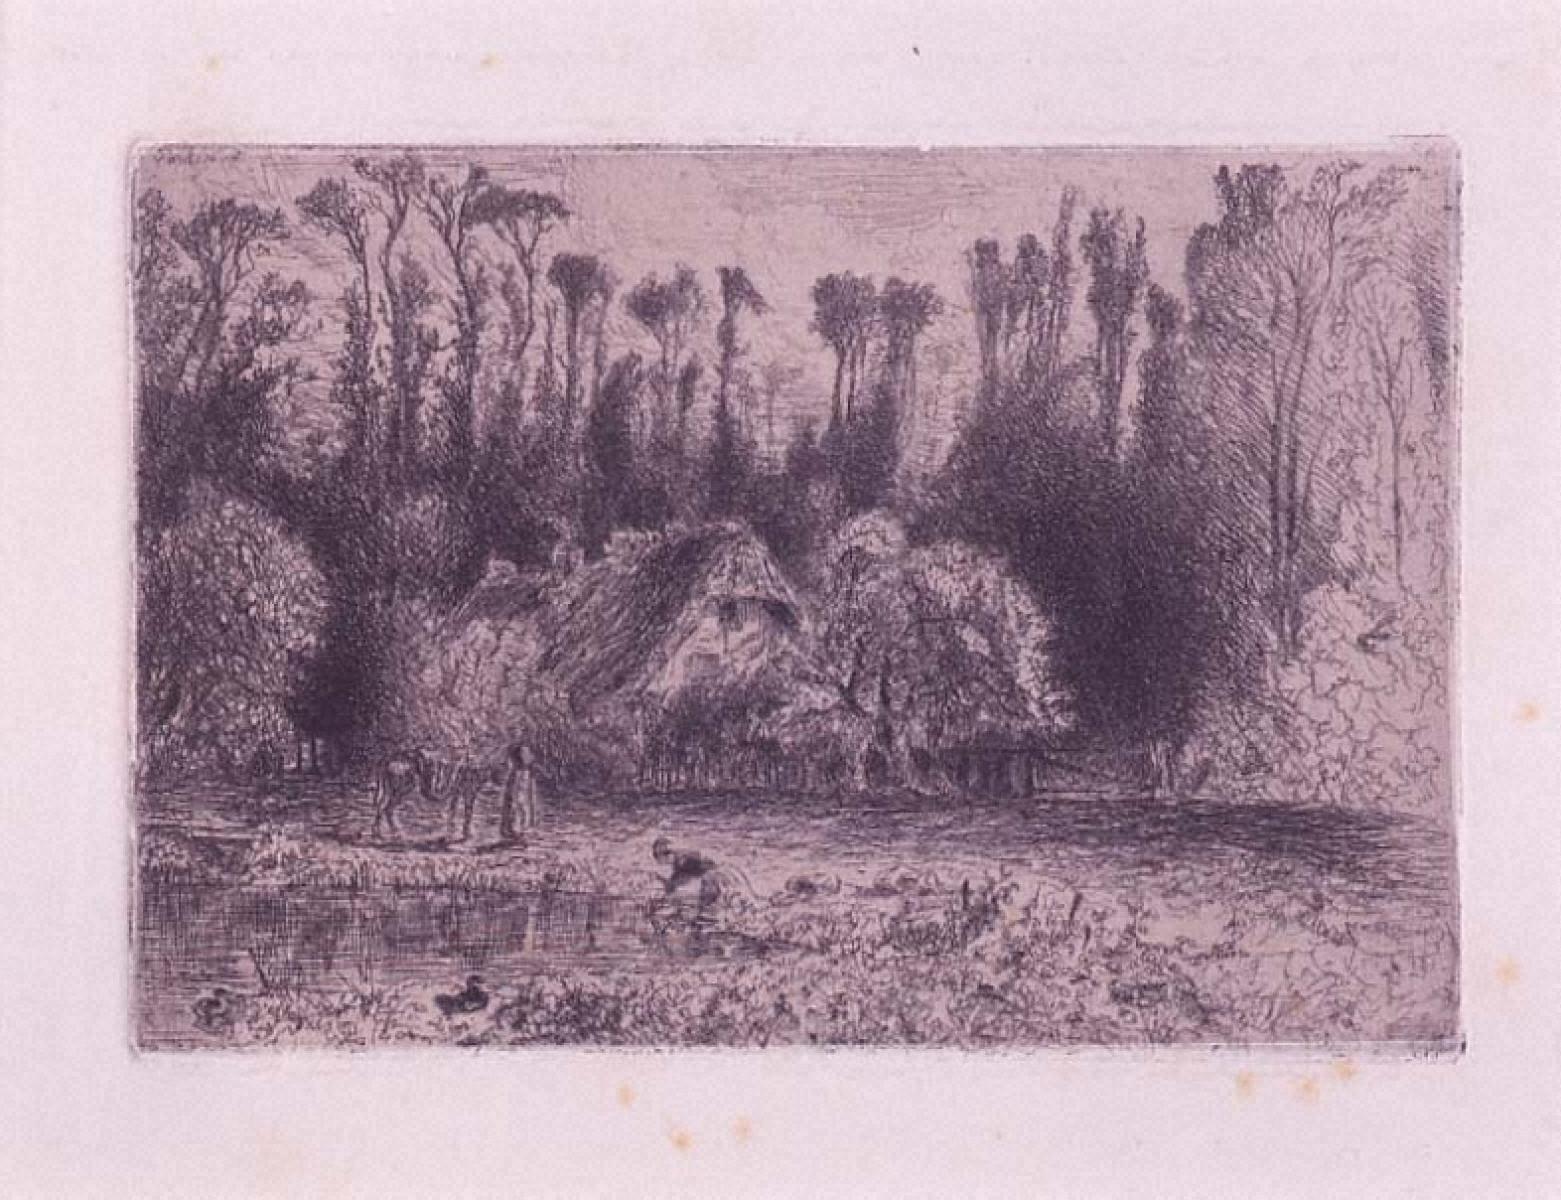 オージュ谷のノルマンディー人の家の庭